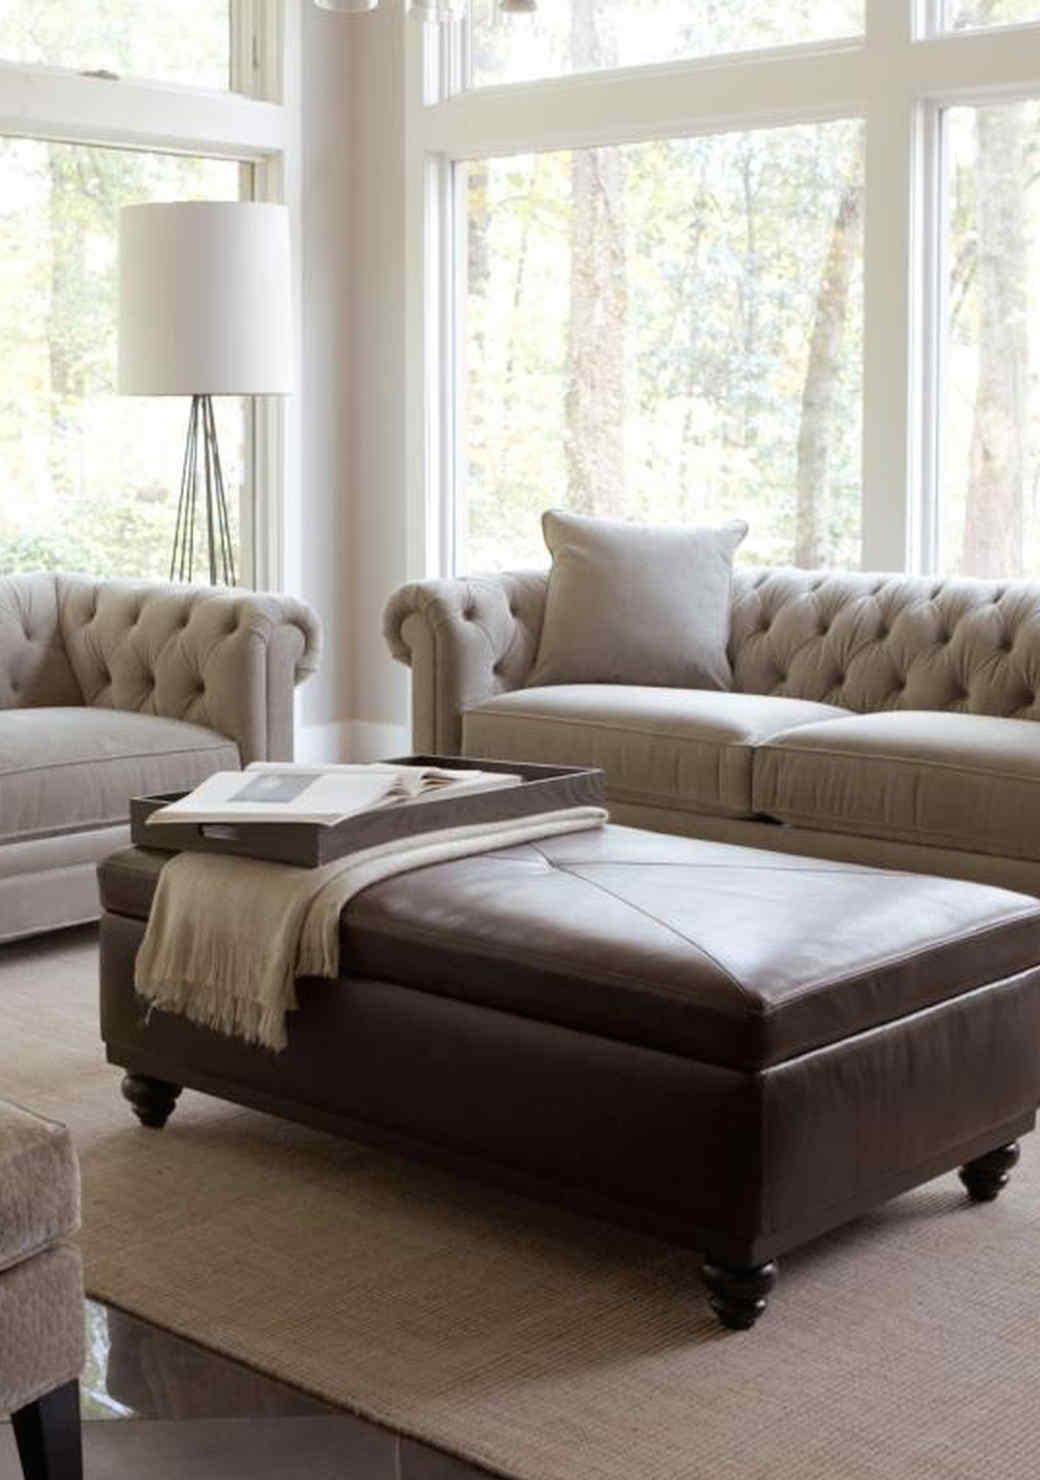 plain-living-room-1016.jpg (skyword:349559)